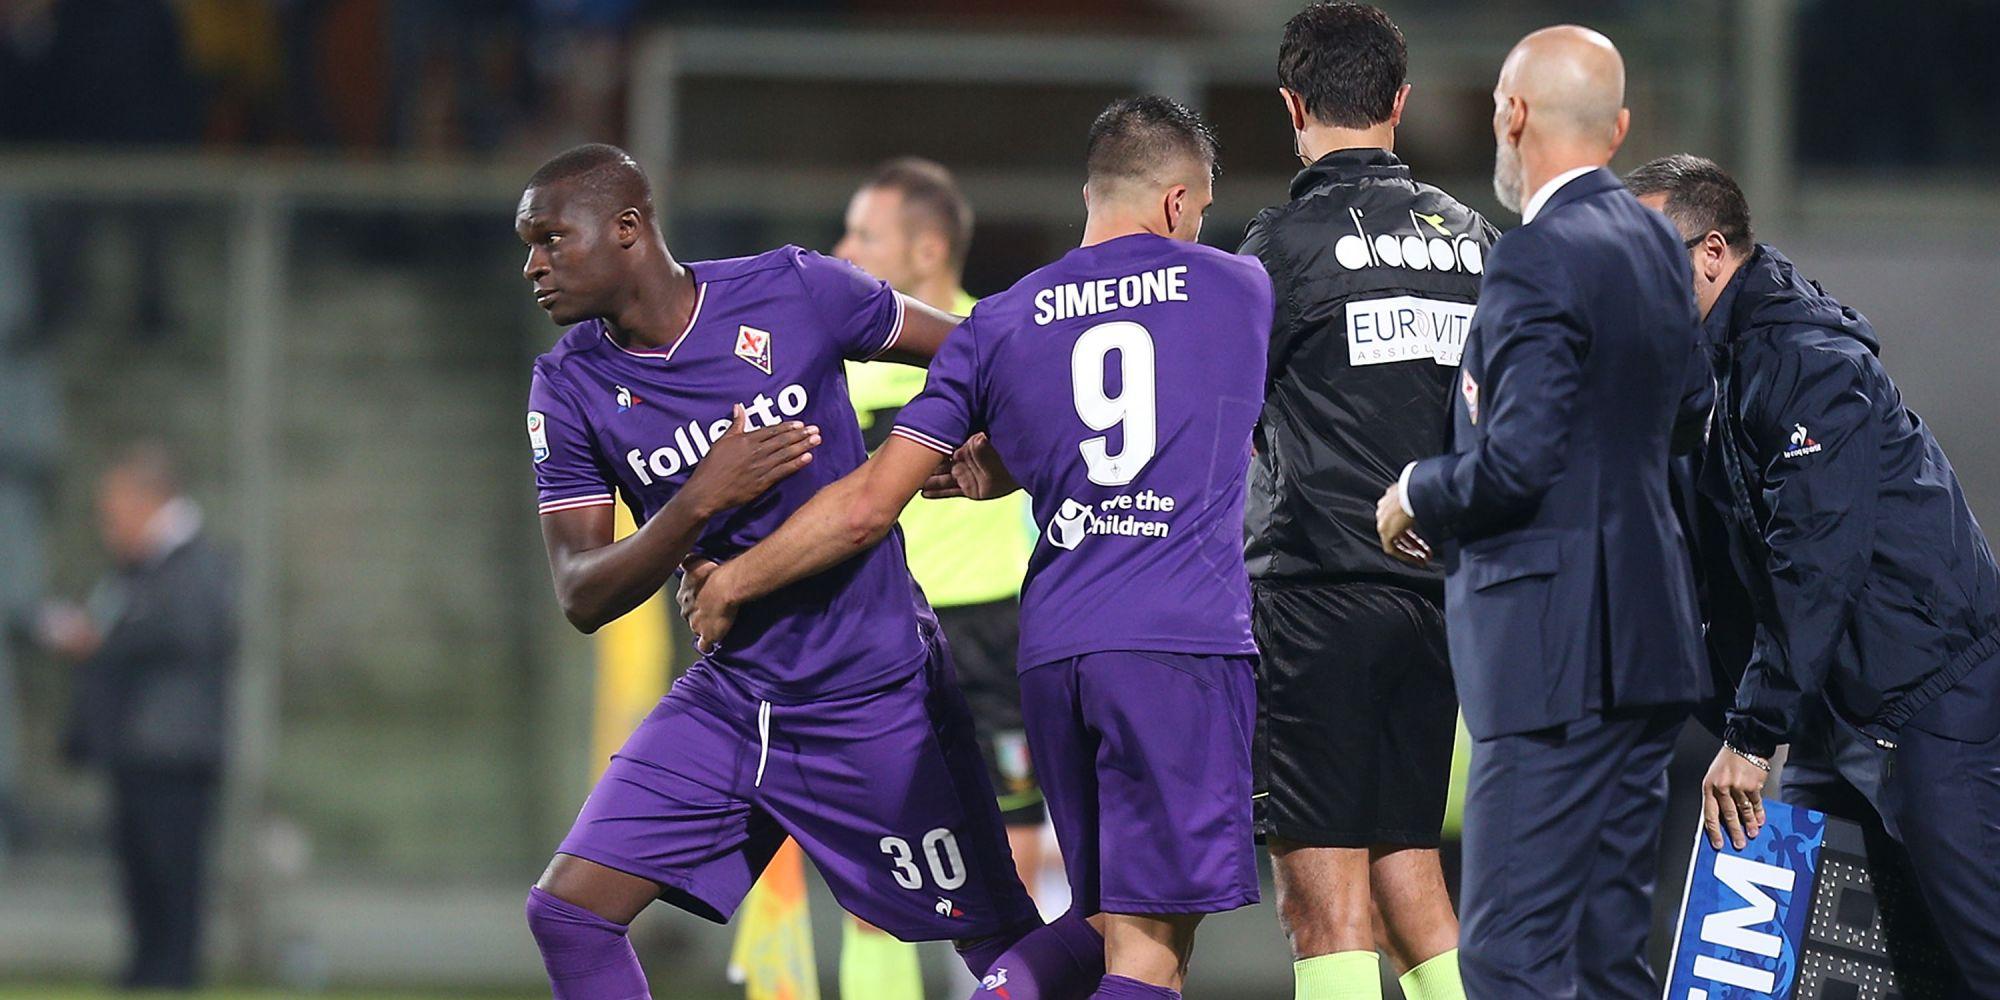 Fiorentina-Sampdoria, Pioli polemico: